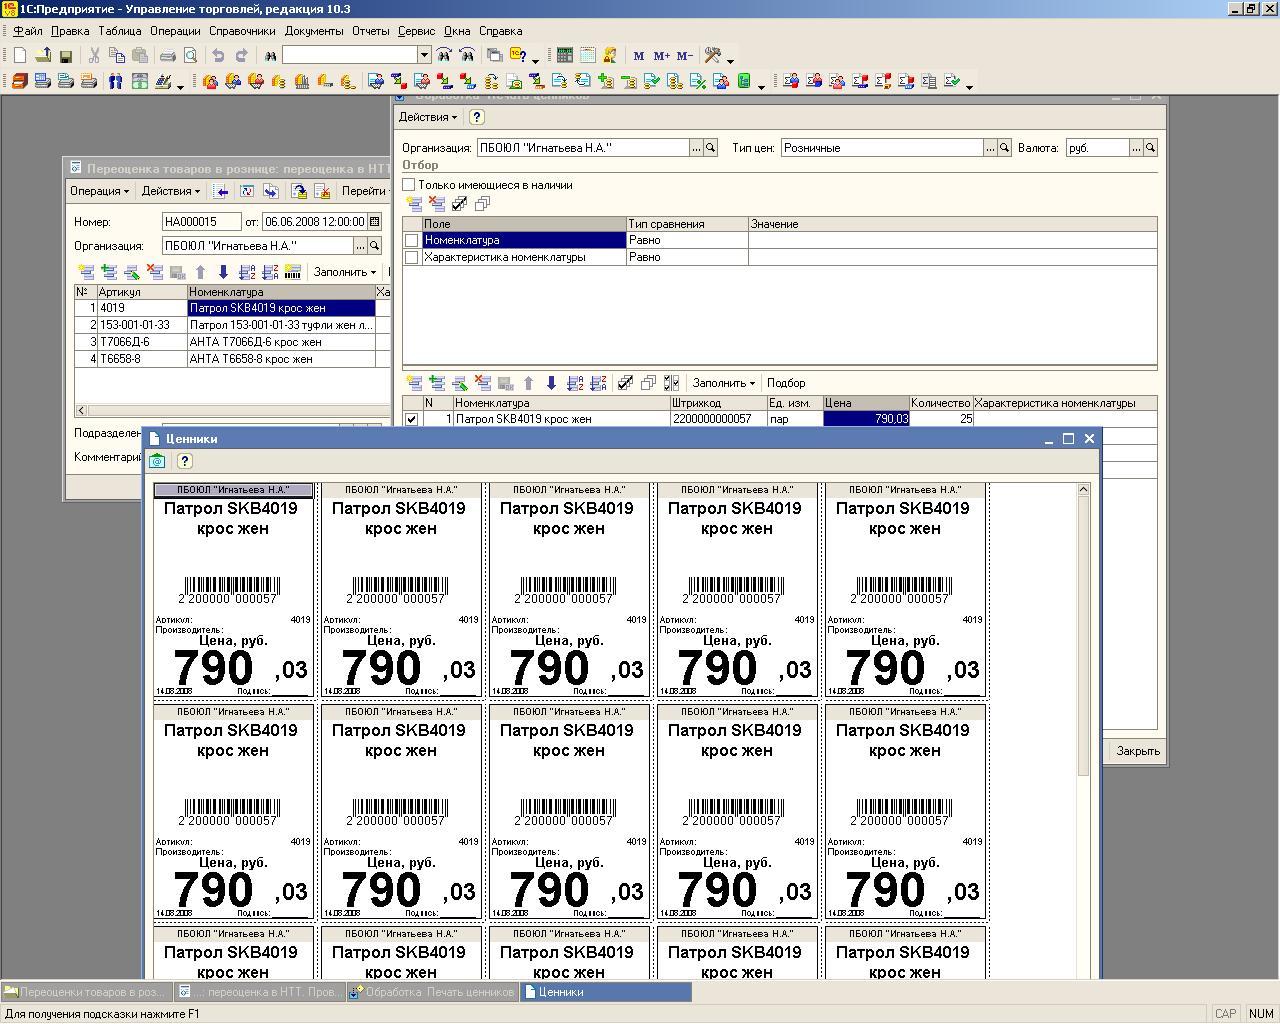 Настройка печати ценники в 1с 1с торговля отчет по продажам по номенклатуре